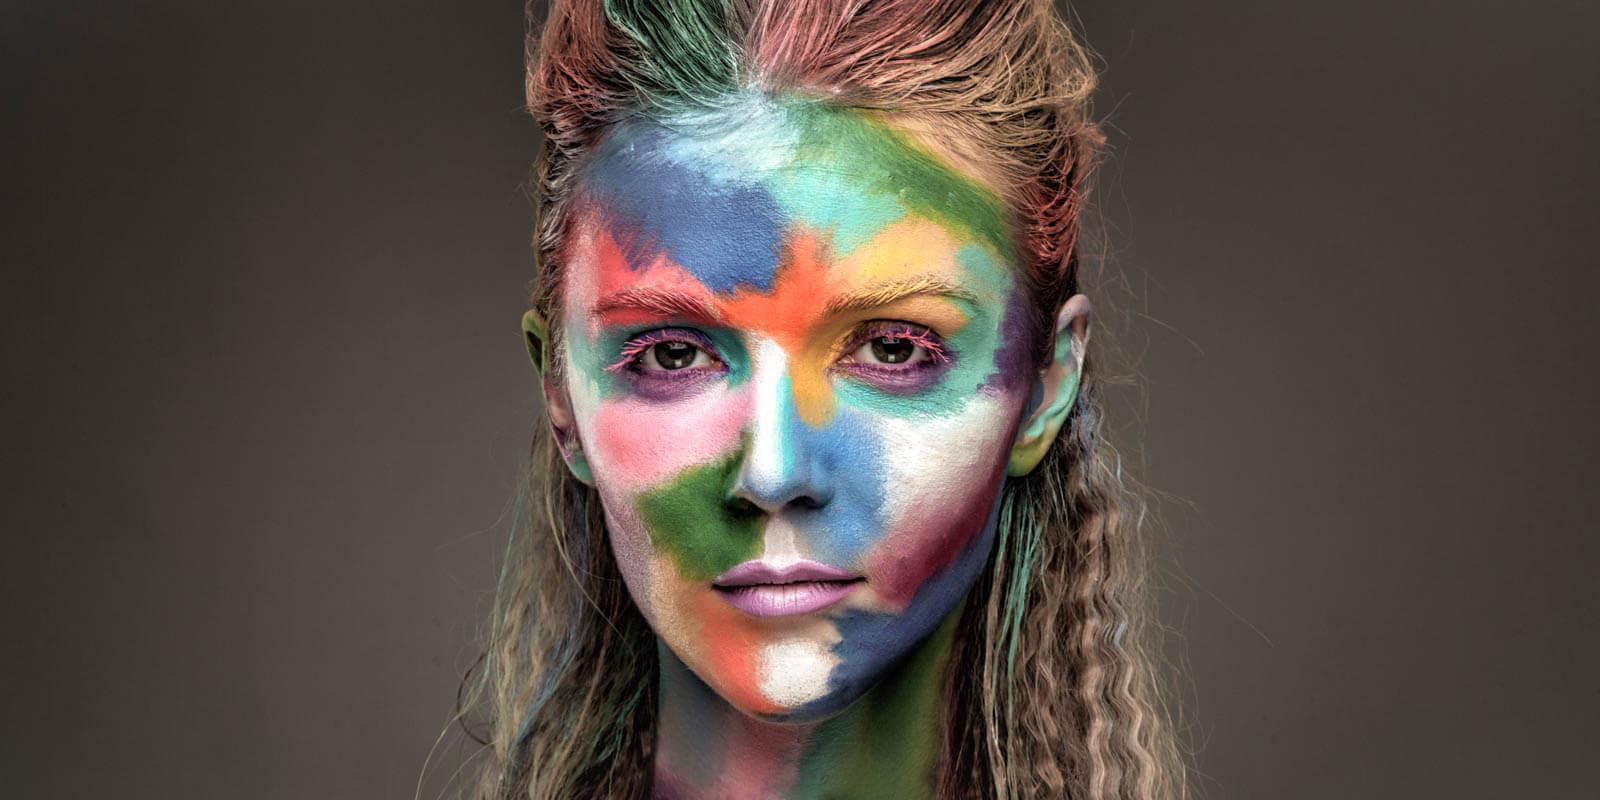 Eine Frau mit bunter Farbe im Gesicht